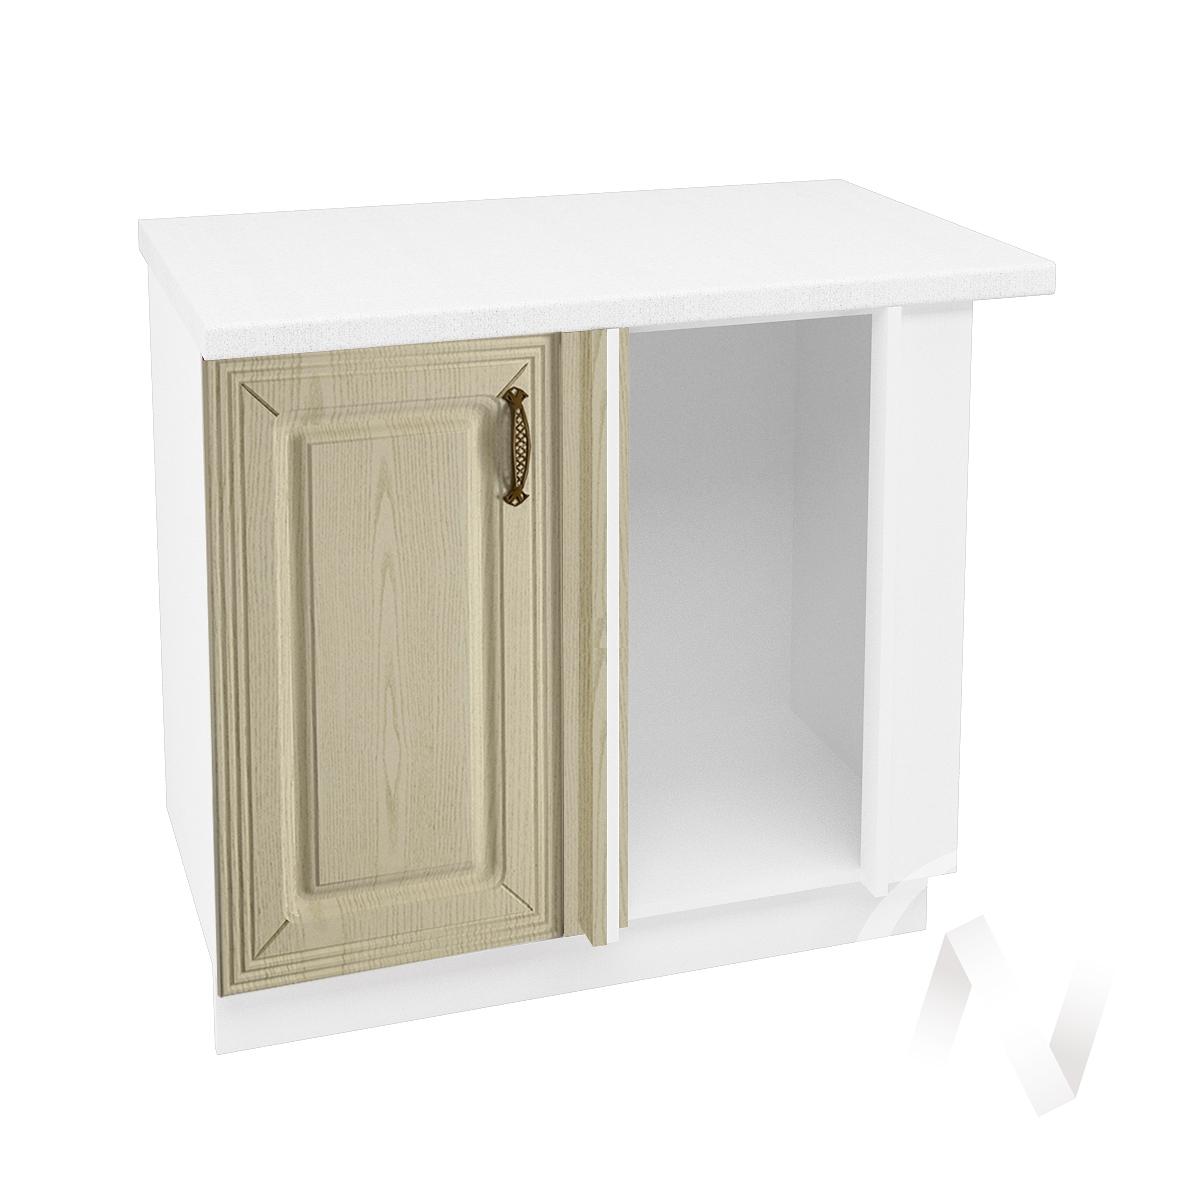 """Кухня """"Изабель"""": Шкаф нижний угловой 990, ШНУ 990 (корпус белый)"""